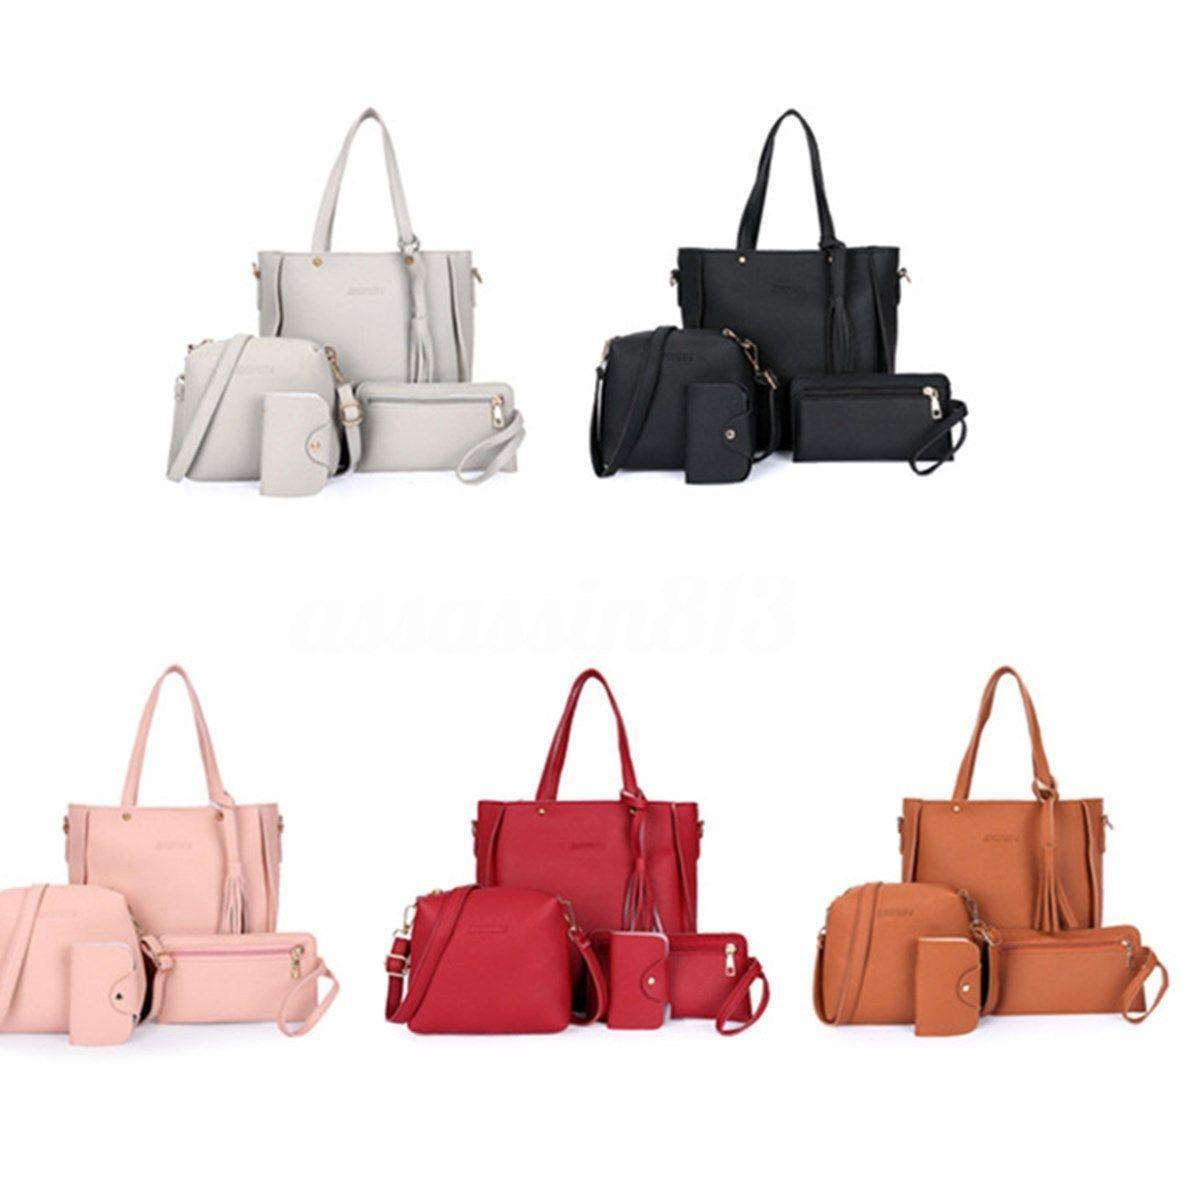 677323b2d76a Fashion Ladies Women Leather Handbag Lady Shoulder Bags Tote Purse  Messenger Satchel Set Y Satchel Handbags Ladies Purses From Bking